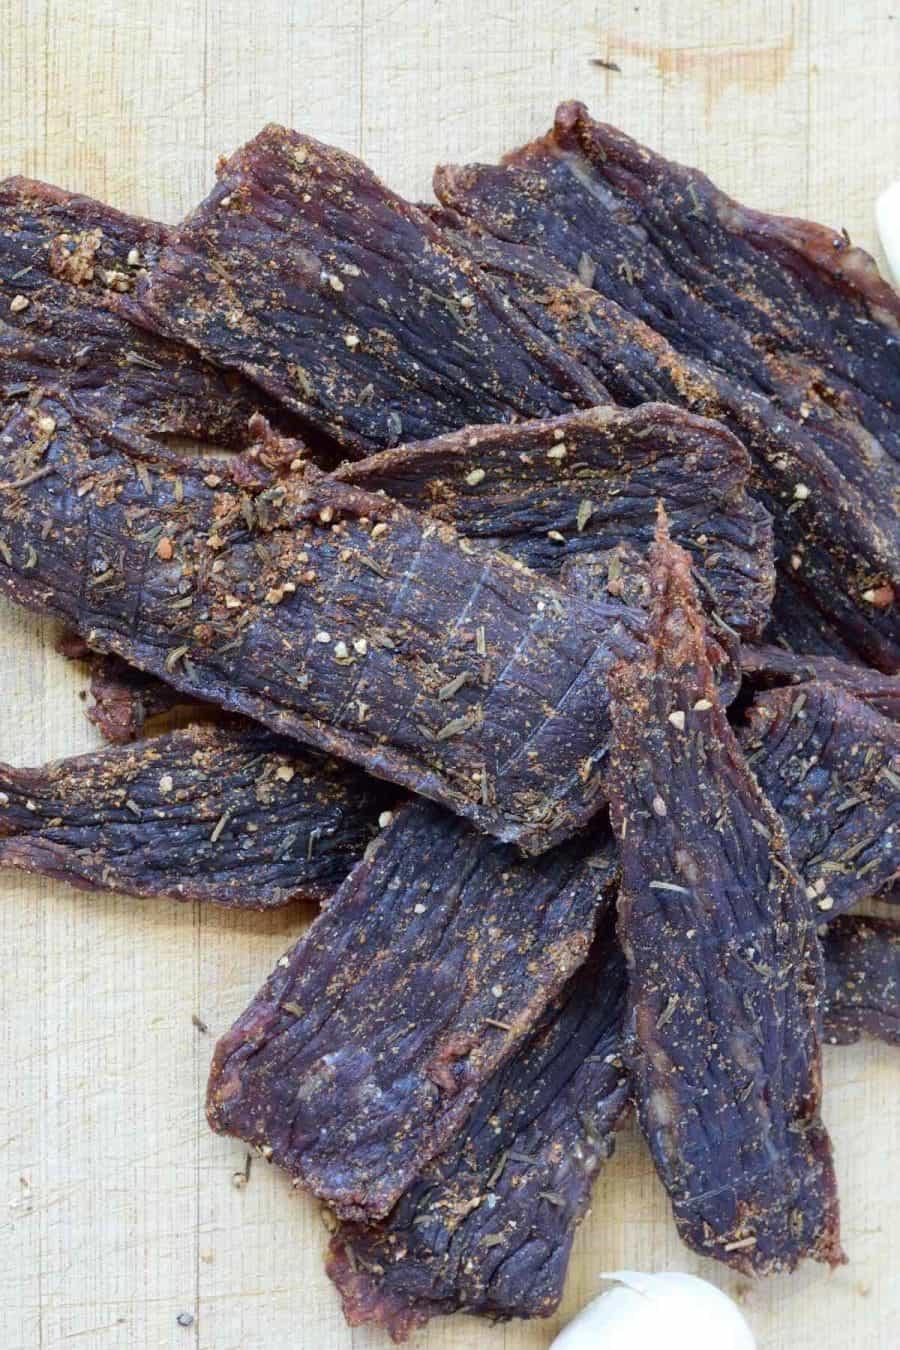 Jamaican Jerk Beef Jerky - A little taste of the Islands | Jerkyholic.com